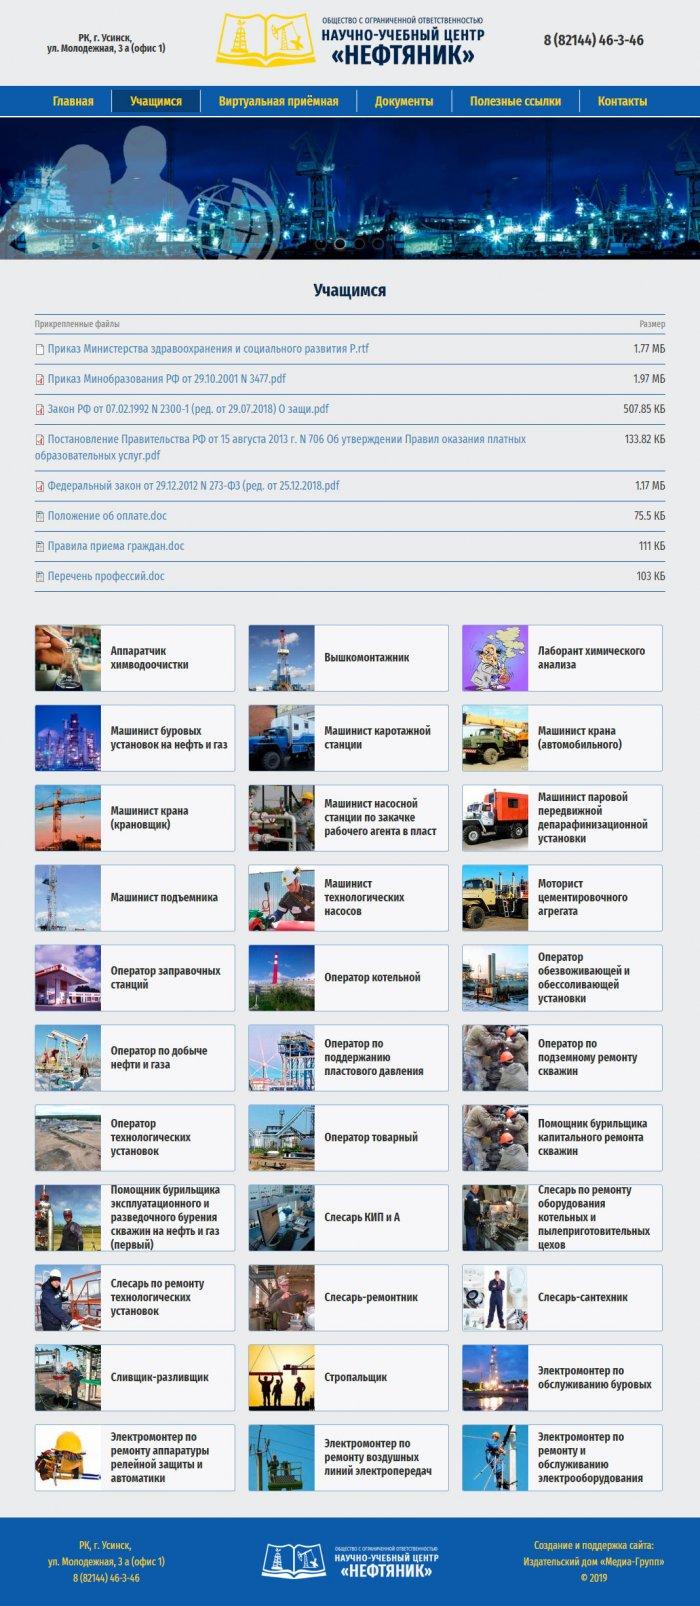 ООО «Научно-учебный центр «Нефтяник», РК, г. Усинск